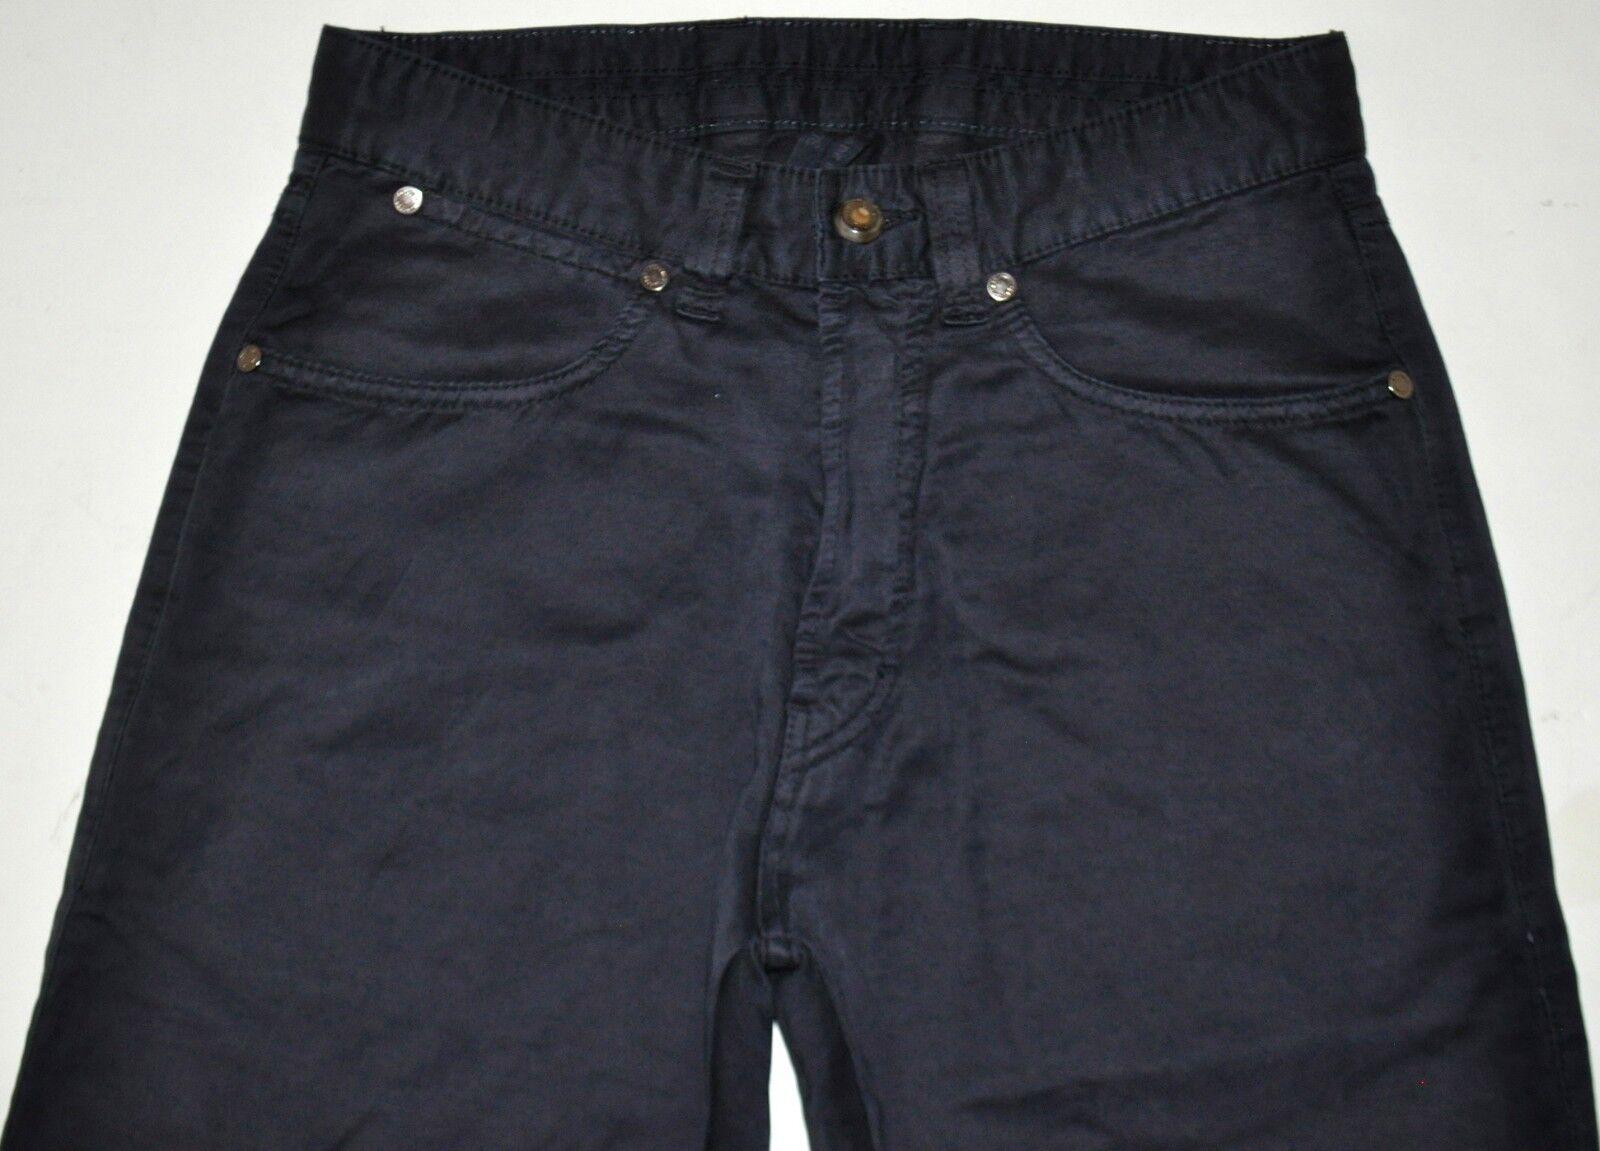 Ermenegildo Zegna Navy Linen Blend Straight Jeans Size Tag 30 (W29